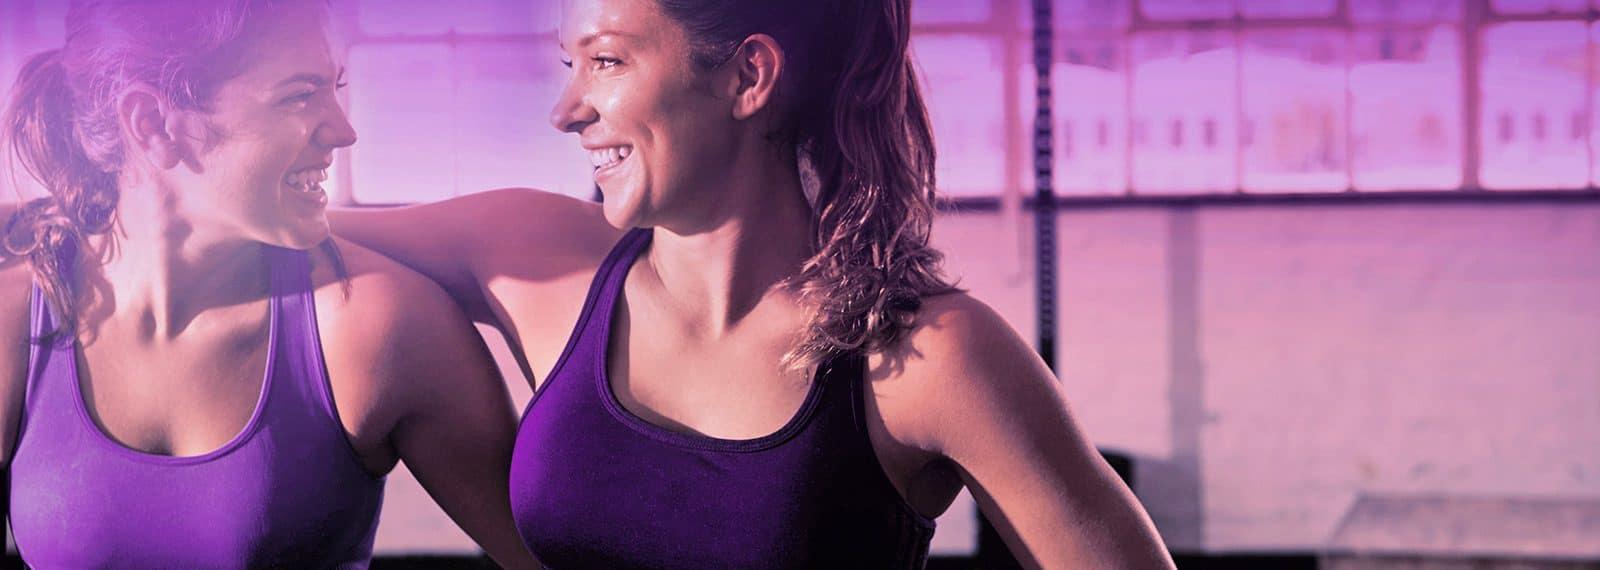 Freundinnen trainieren gemeinsam im Fitness-Loft